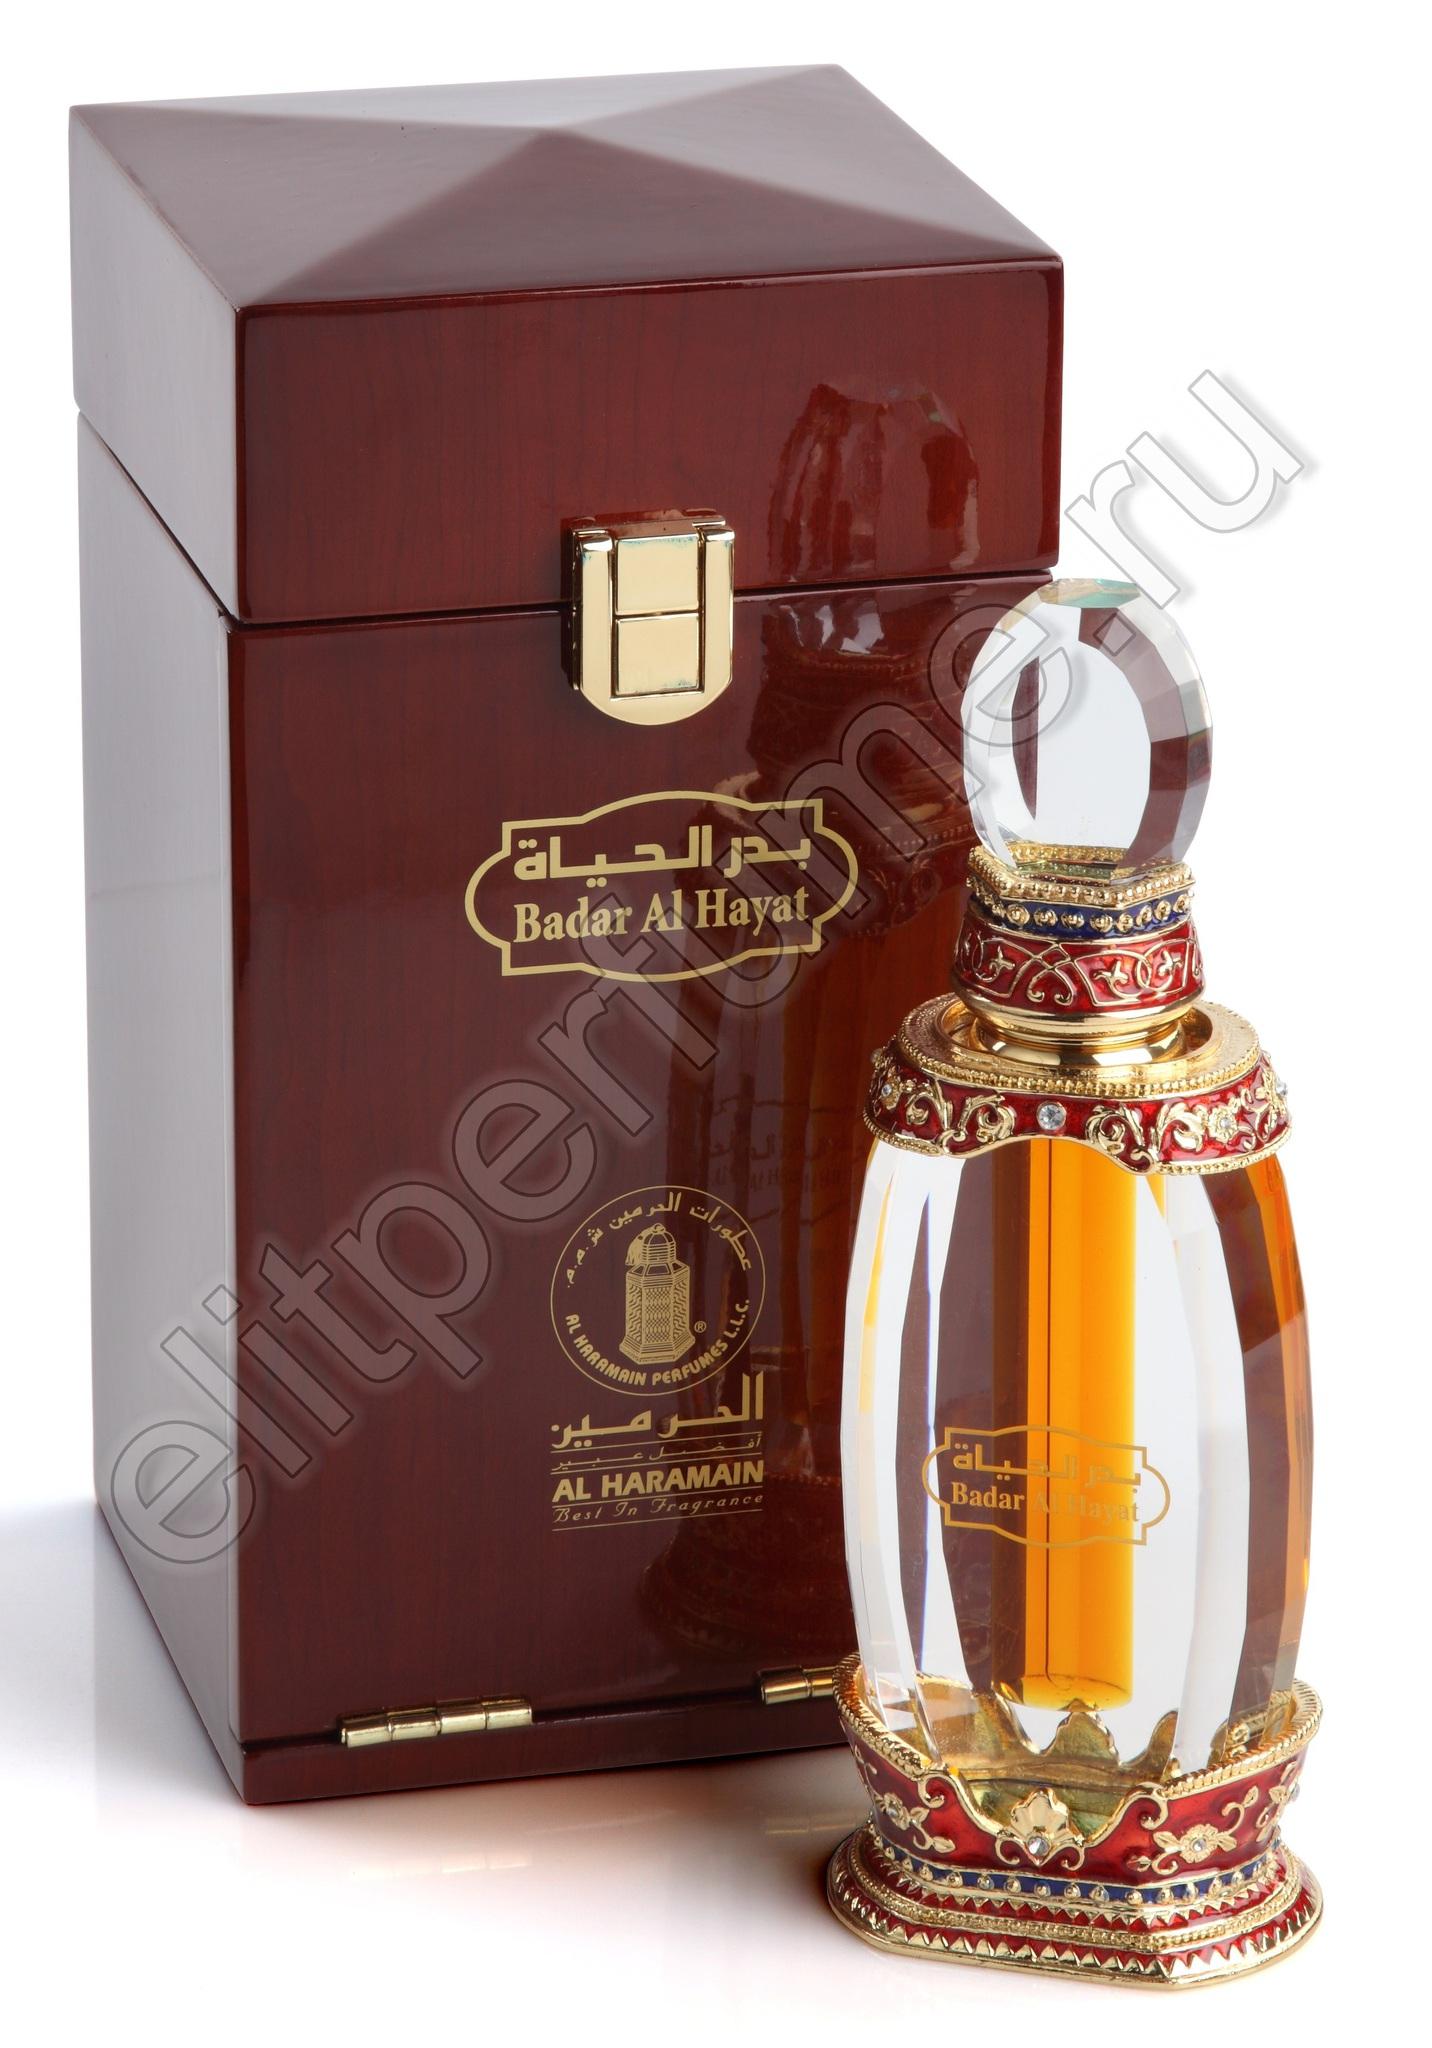 Бадар Аль Хаят Badar Al Hayat 33 мл арабские масляные духи от Аль Харамайн Al Haramain Perfumes